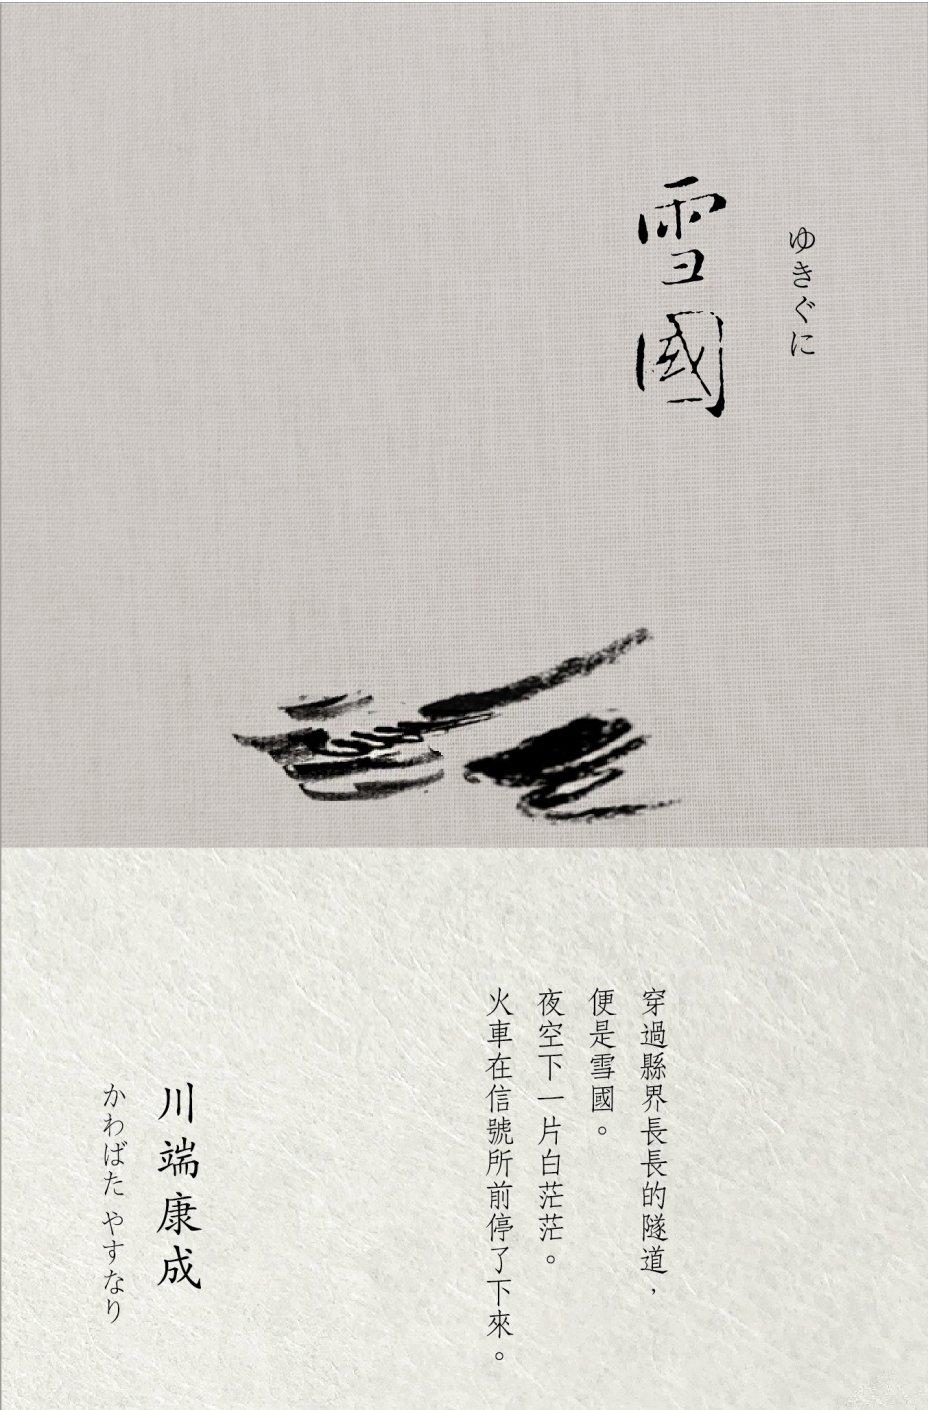 雪國(川端康成 諾貝爾獎作品集1)